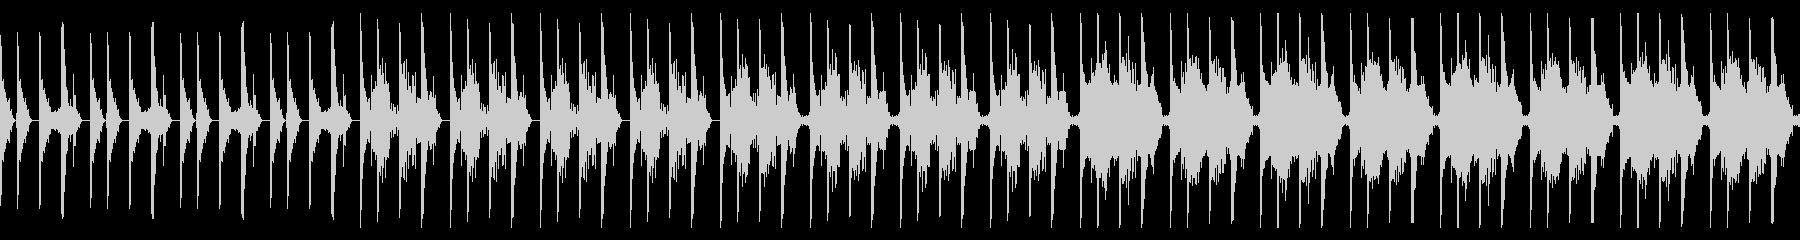 ミステリアスなテクスチャBGMの未再生の波形